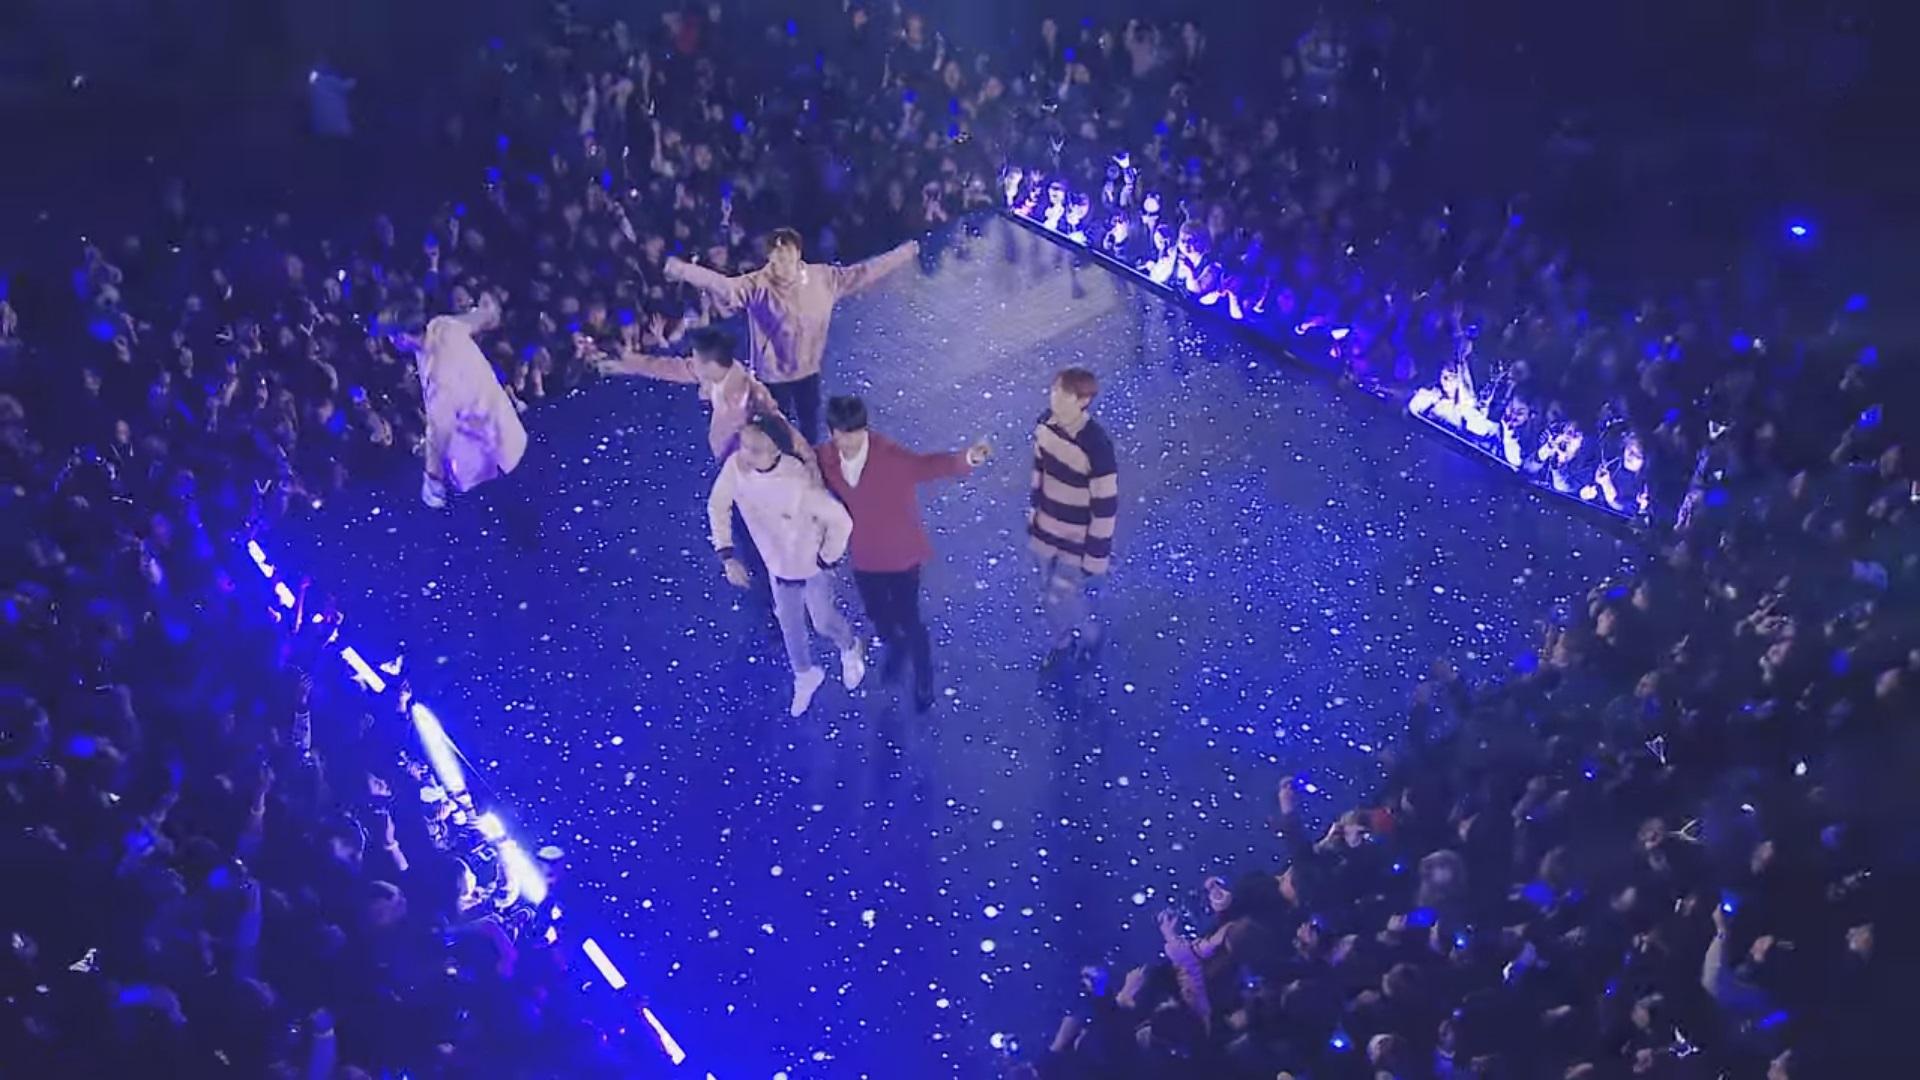 """Rilis MV """"Milky Way"""" Bergini Interaksi Manis VIXX Dengan Penggemar"""